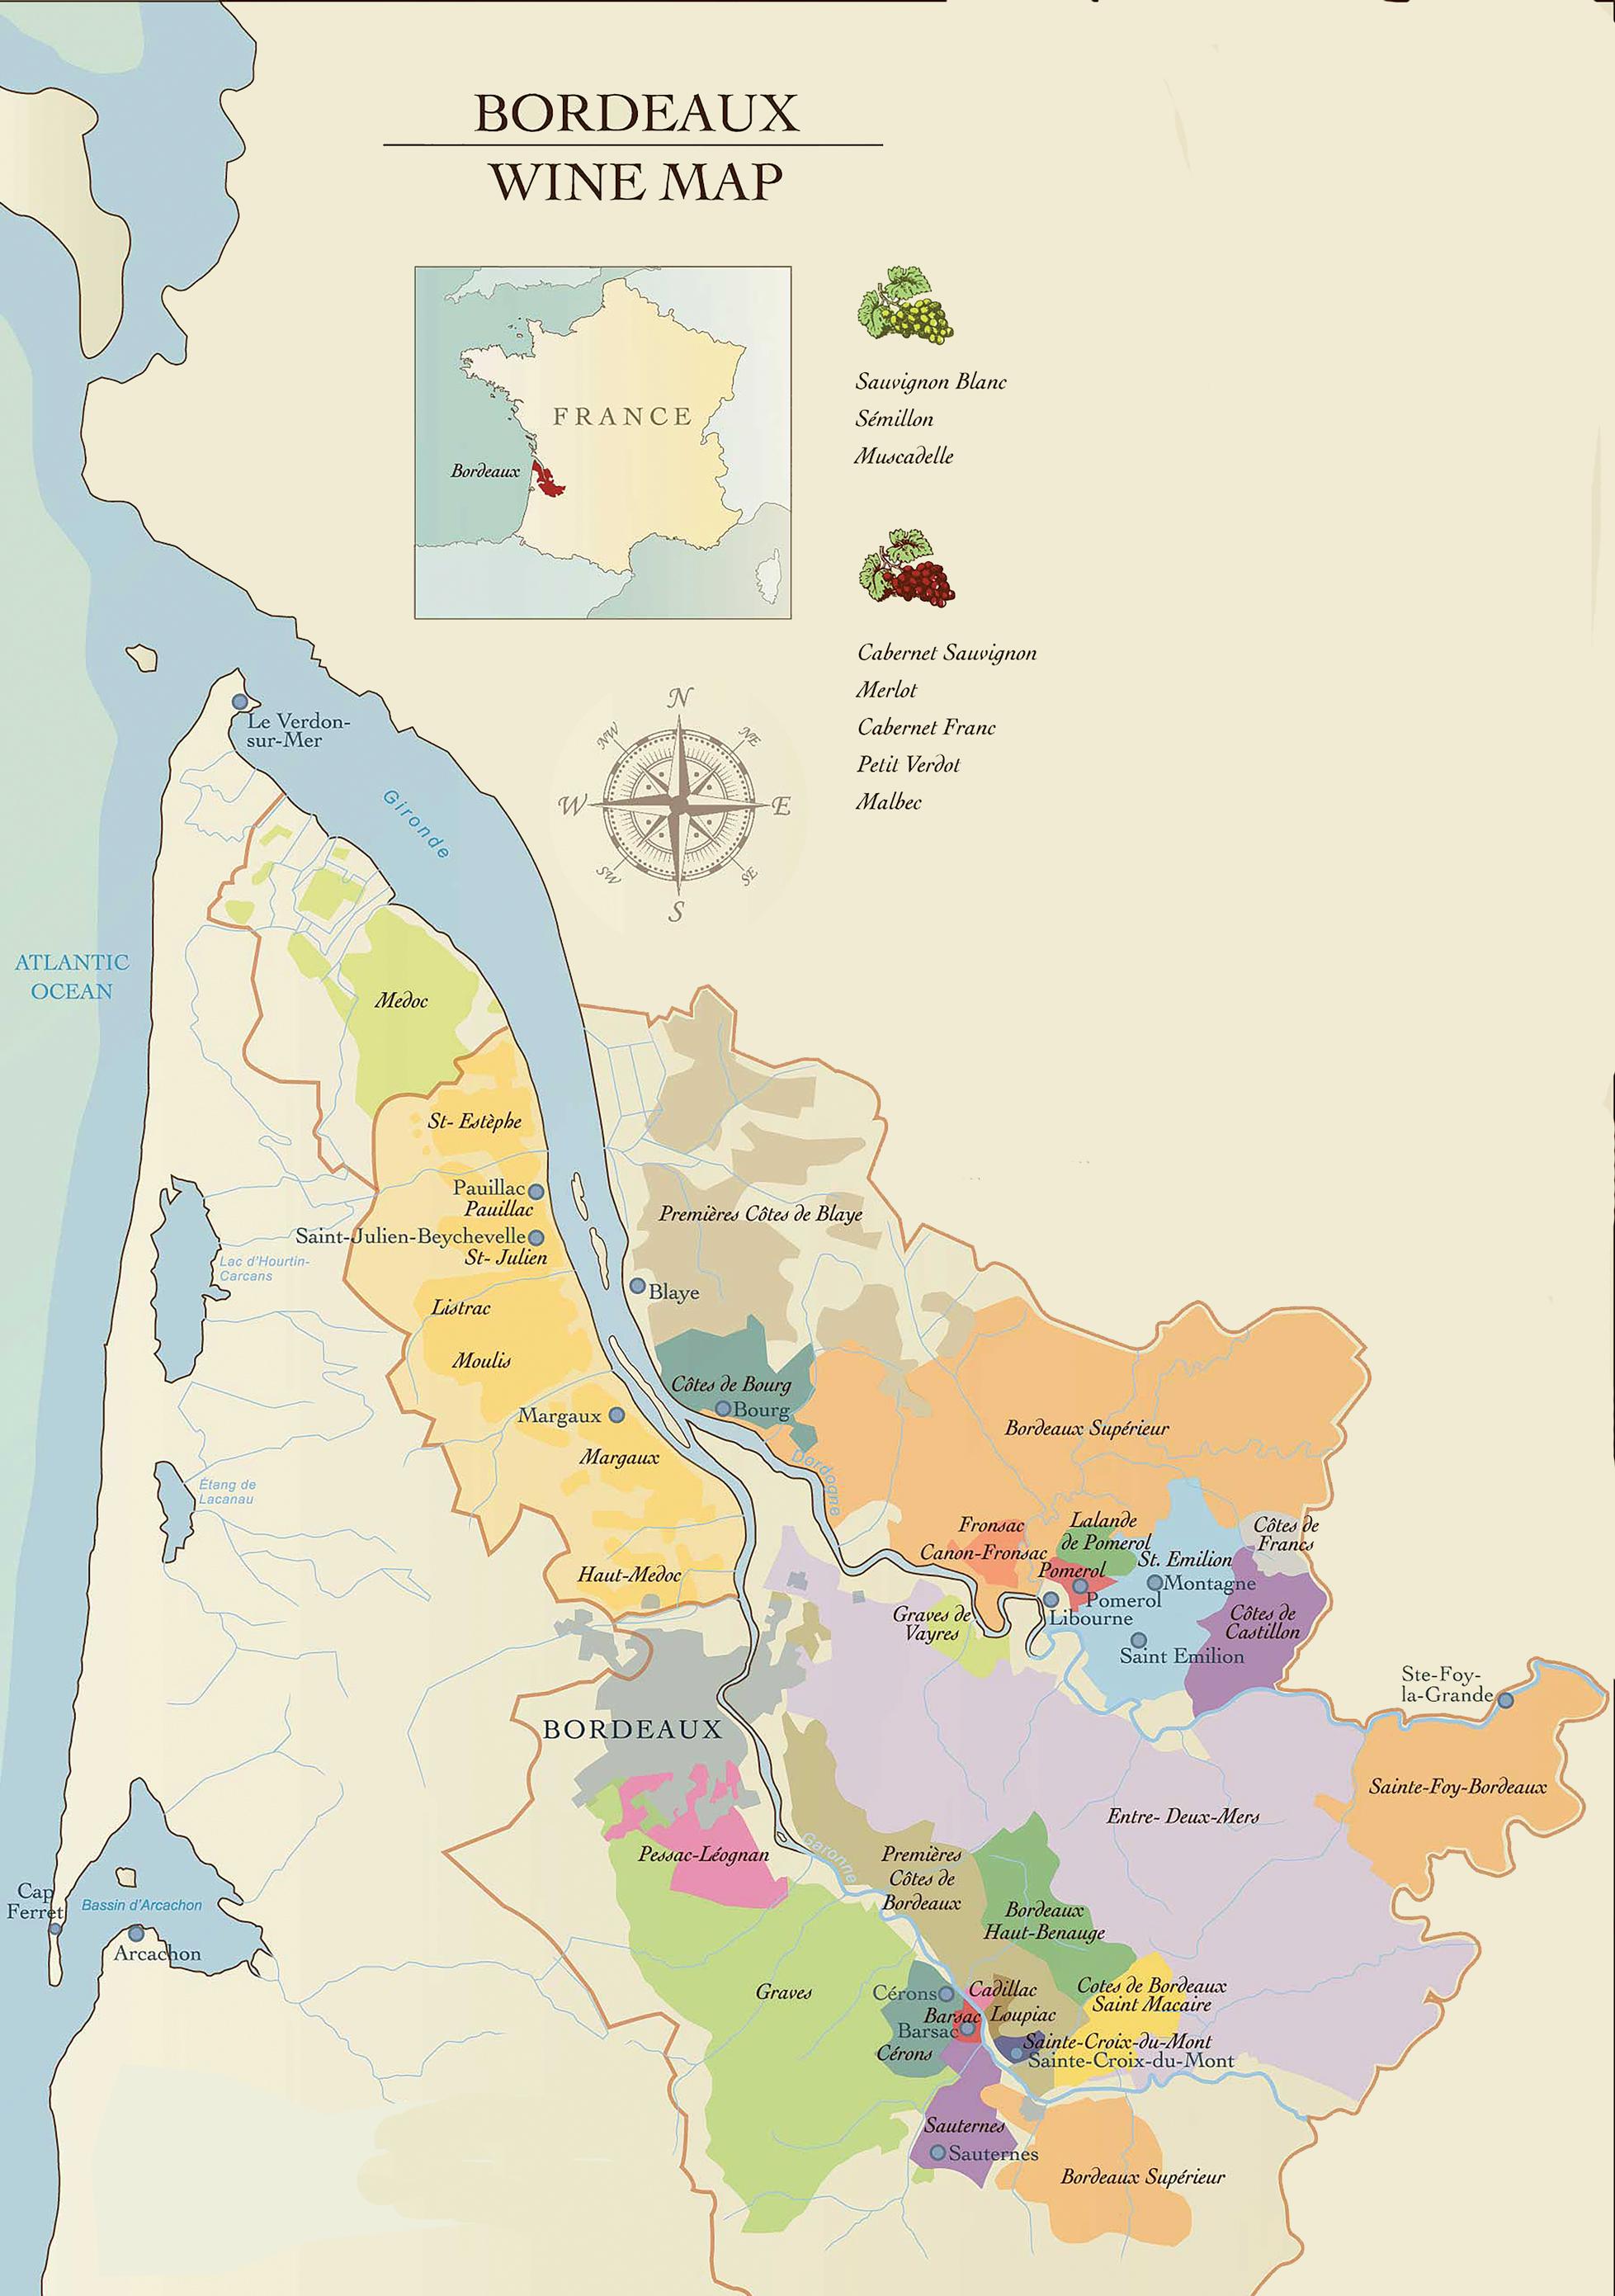 bordeaux-wine-regions-map-zoom